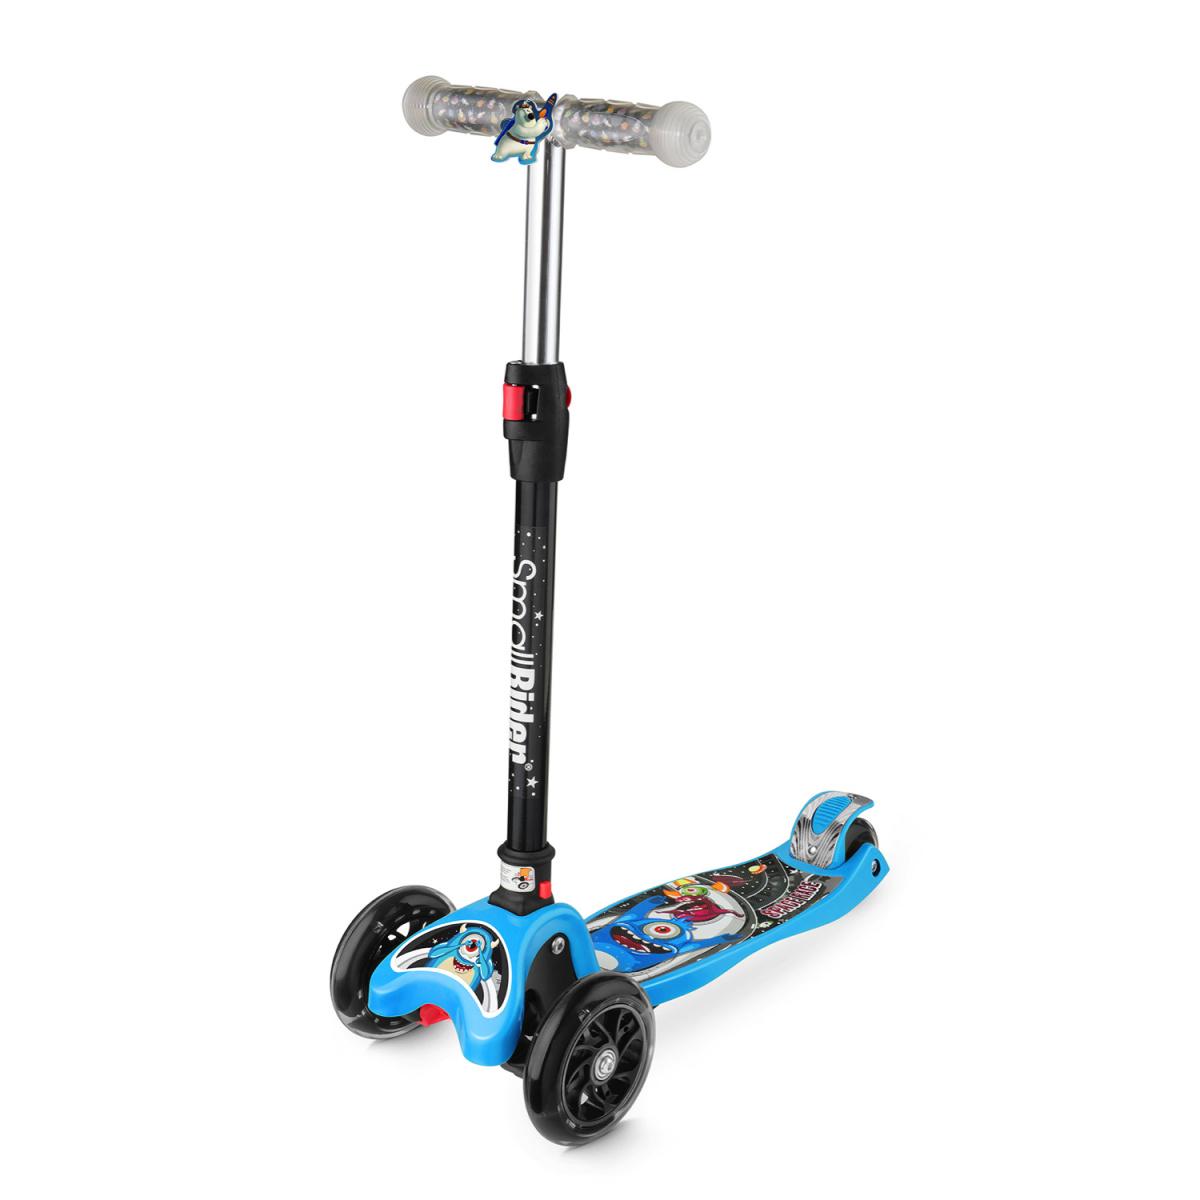 Самокат Small Rider Space Race, 3-колесный, складной, со светящимися колесами, цвет: голубой самокат small rider space race maxi coral